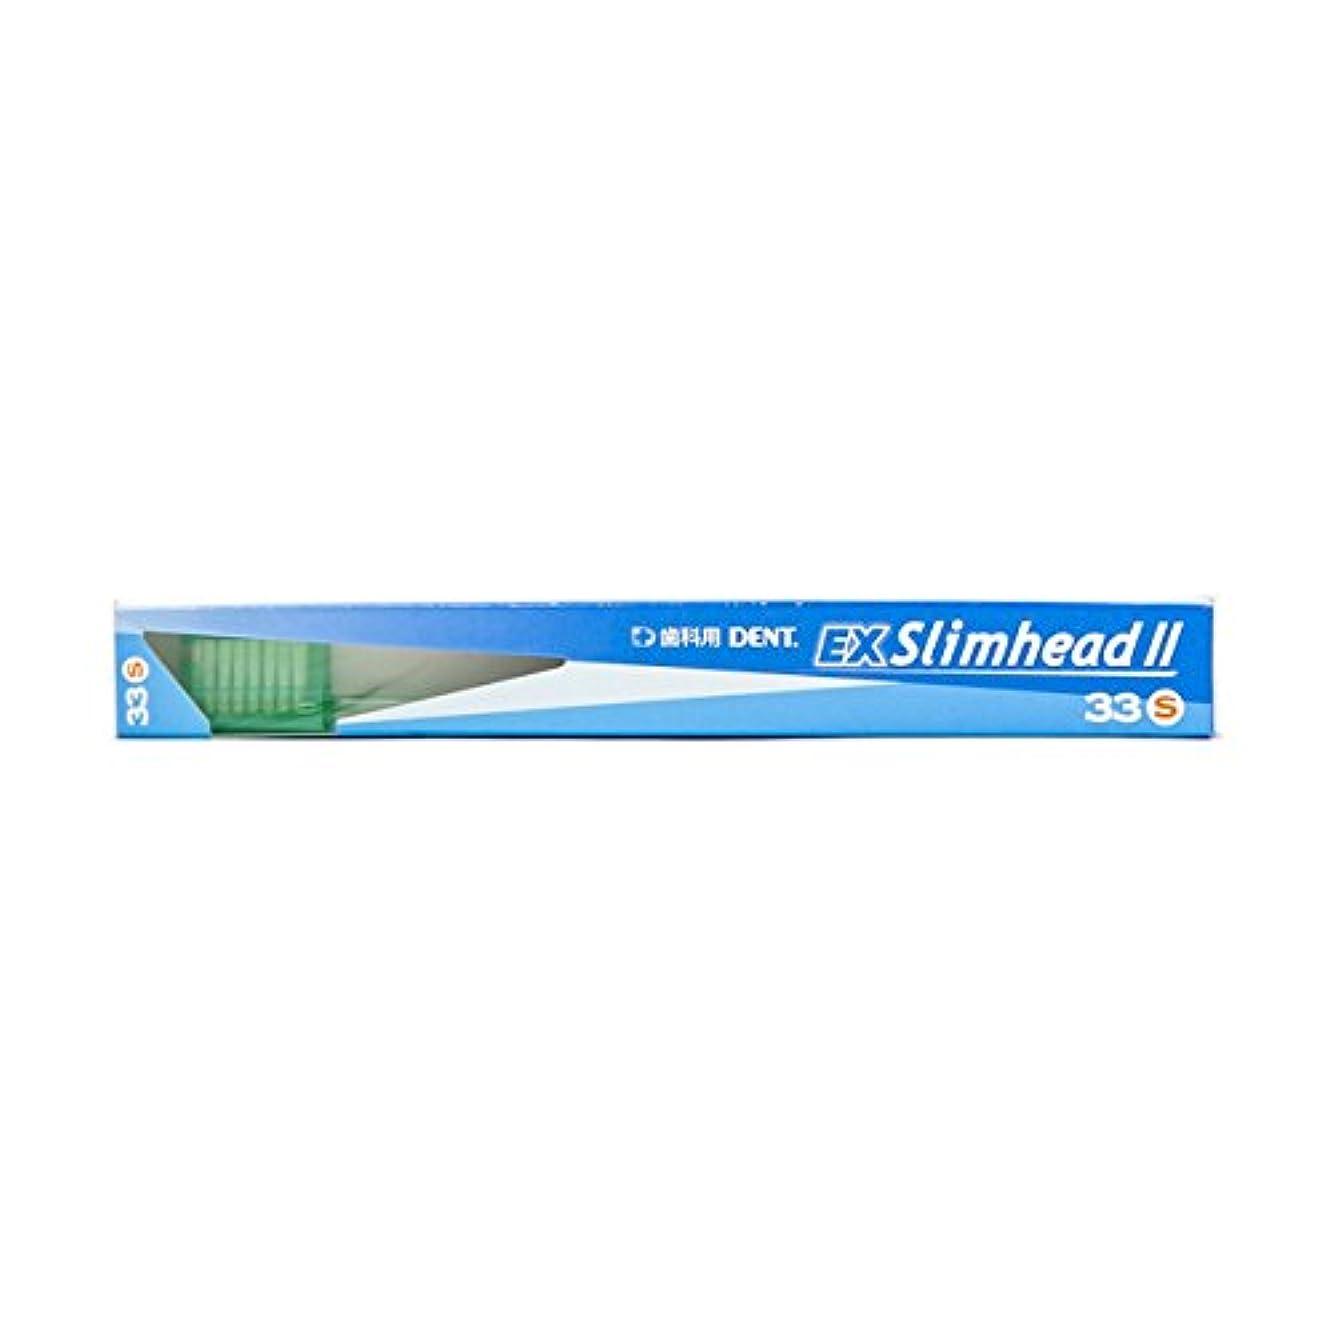 努力頻繁に合体ライオン DENT.(デント) EXスリムヘッドツー 33S ソフト 歯ブラシ 1本